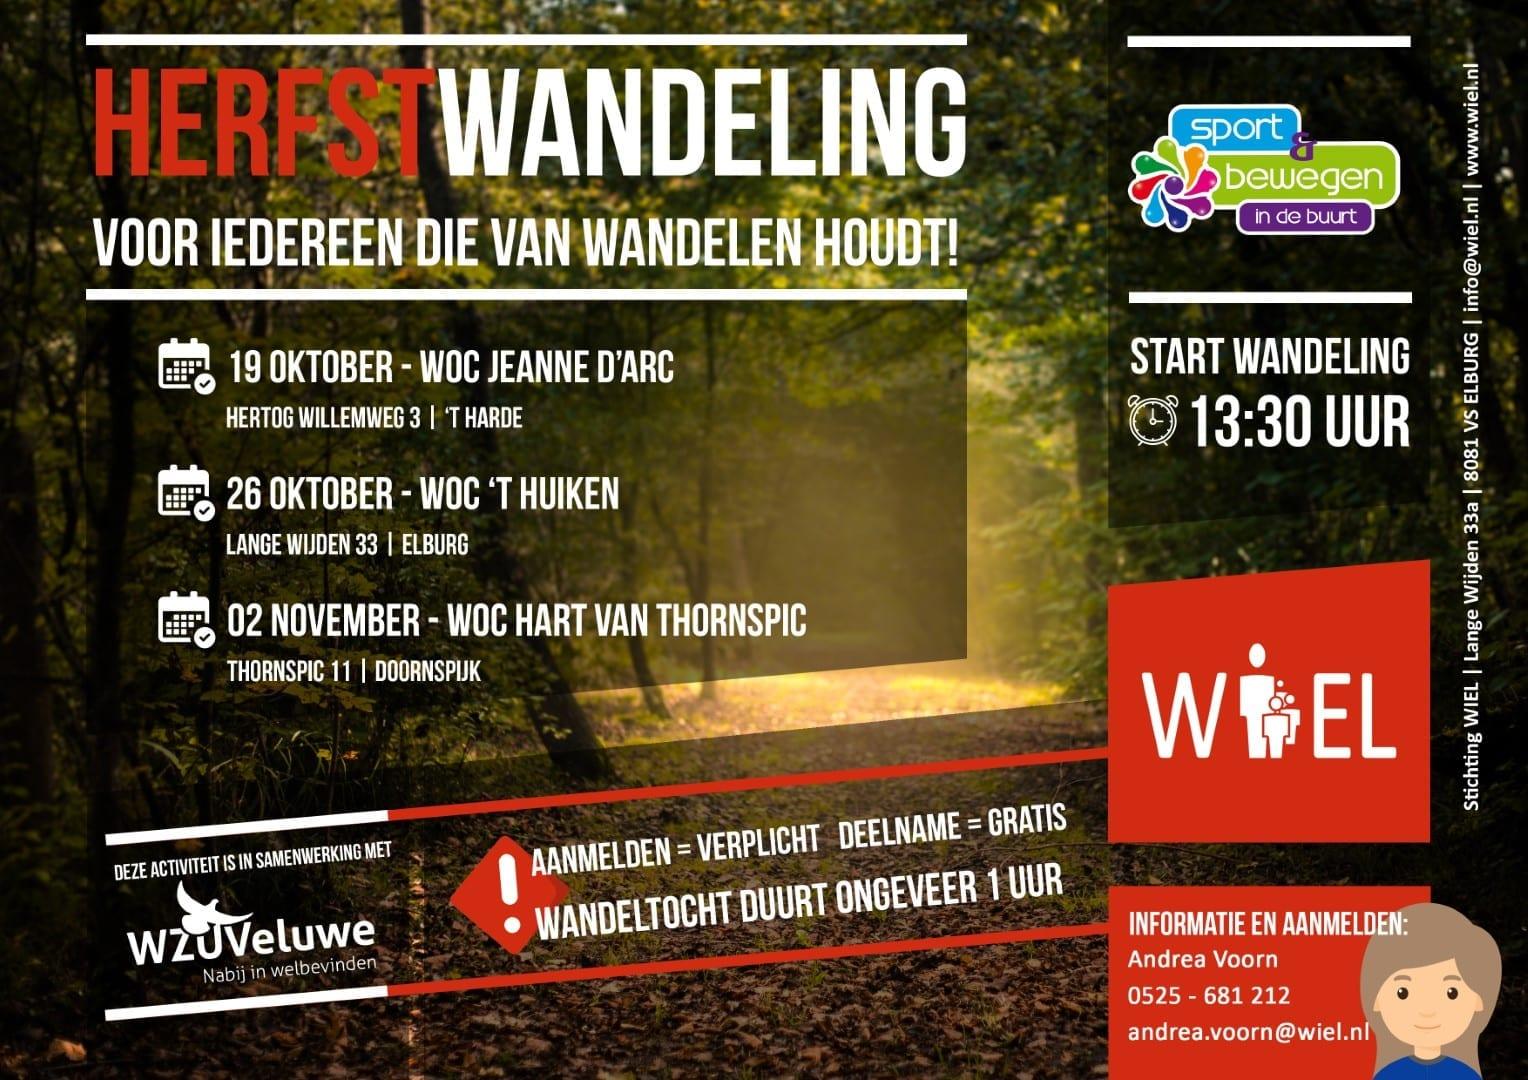 Herfstwandeling - Stichting WIEL